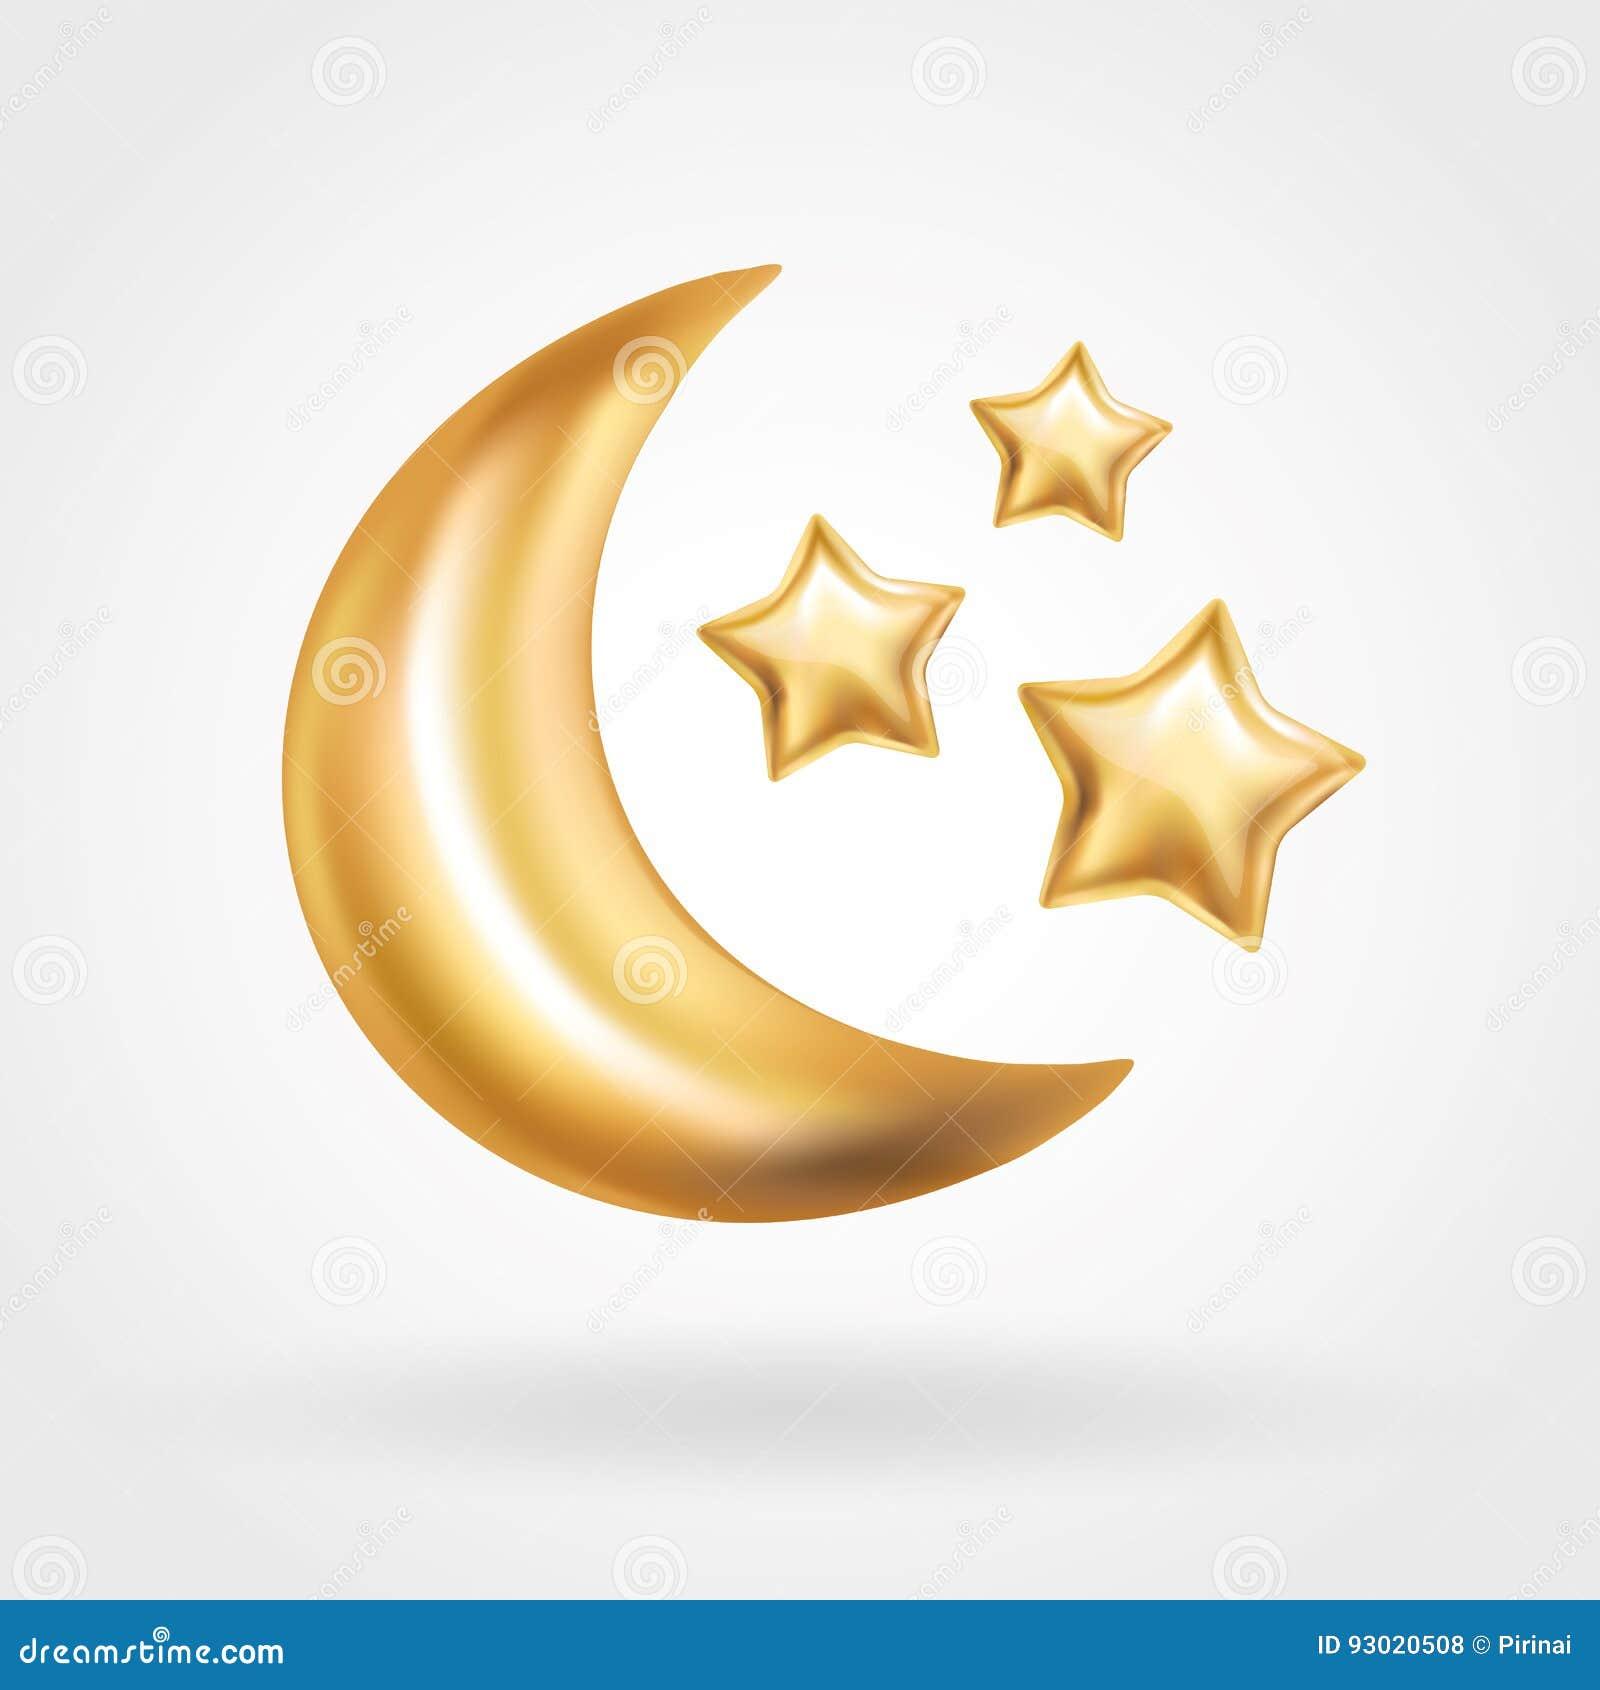 Gold Crescent Moon Star Balloon Ramadan Stock Vector Illustration